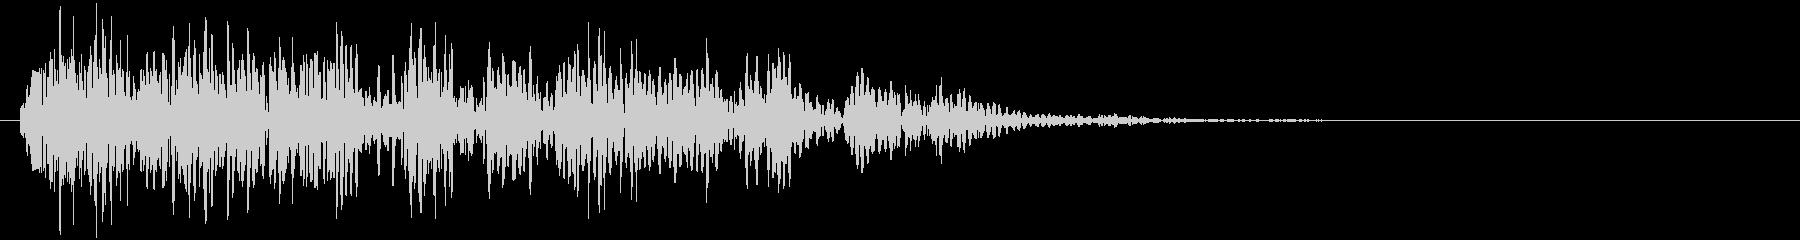 爆発・衝撃波・ソニックブーム7の未再生の波形